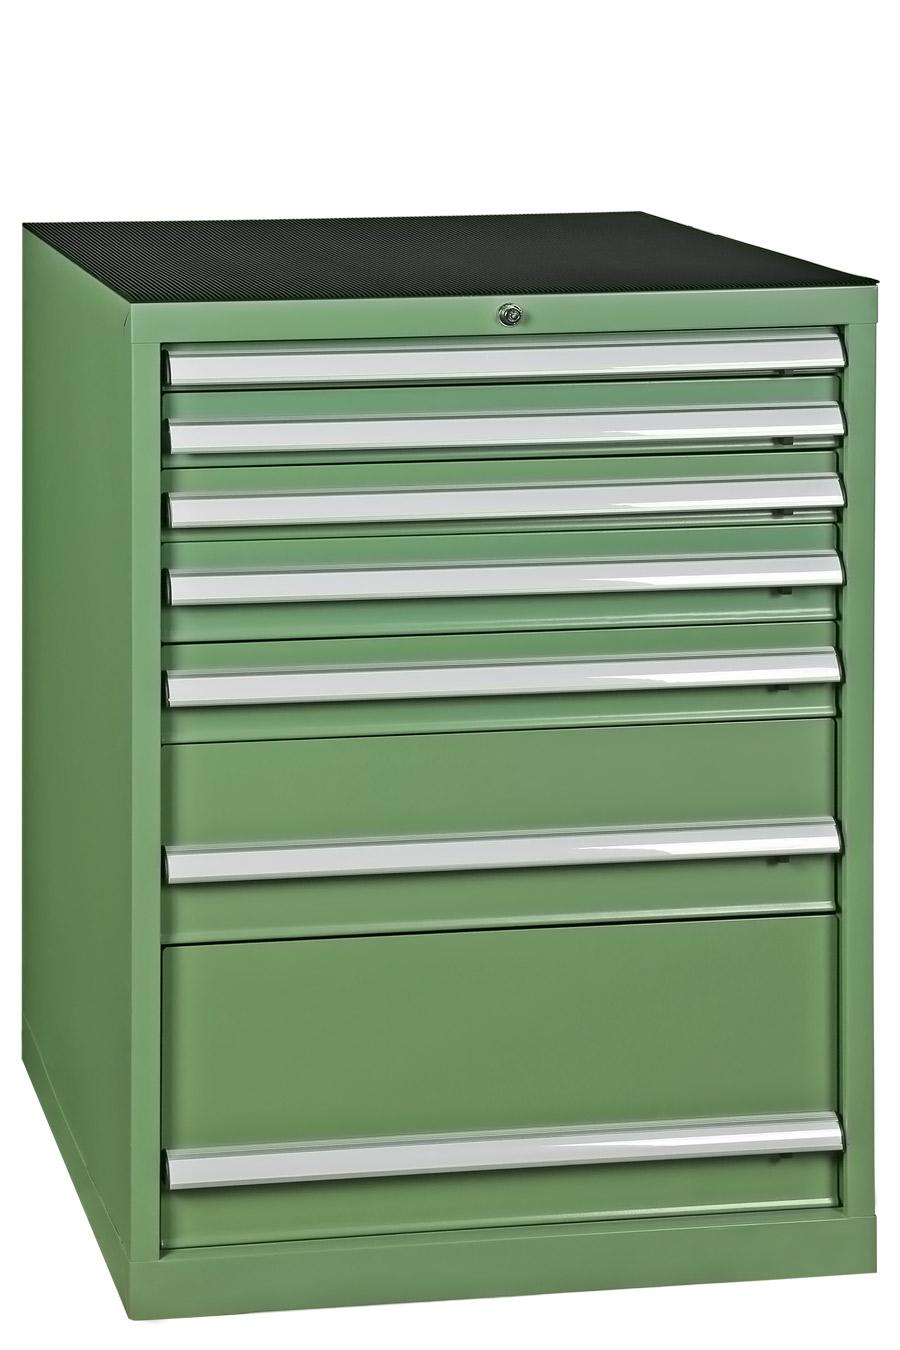 Werkzeugschrank Schubladenschrank Werkstattschrank NEU | eBay